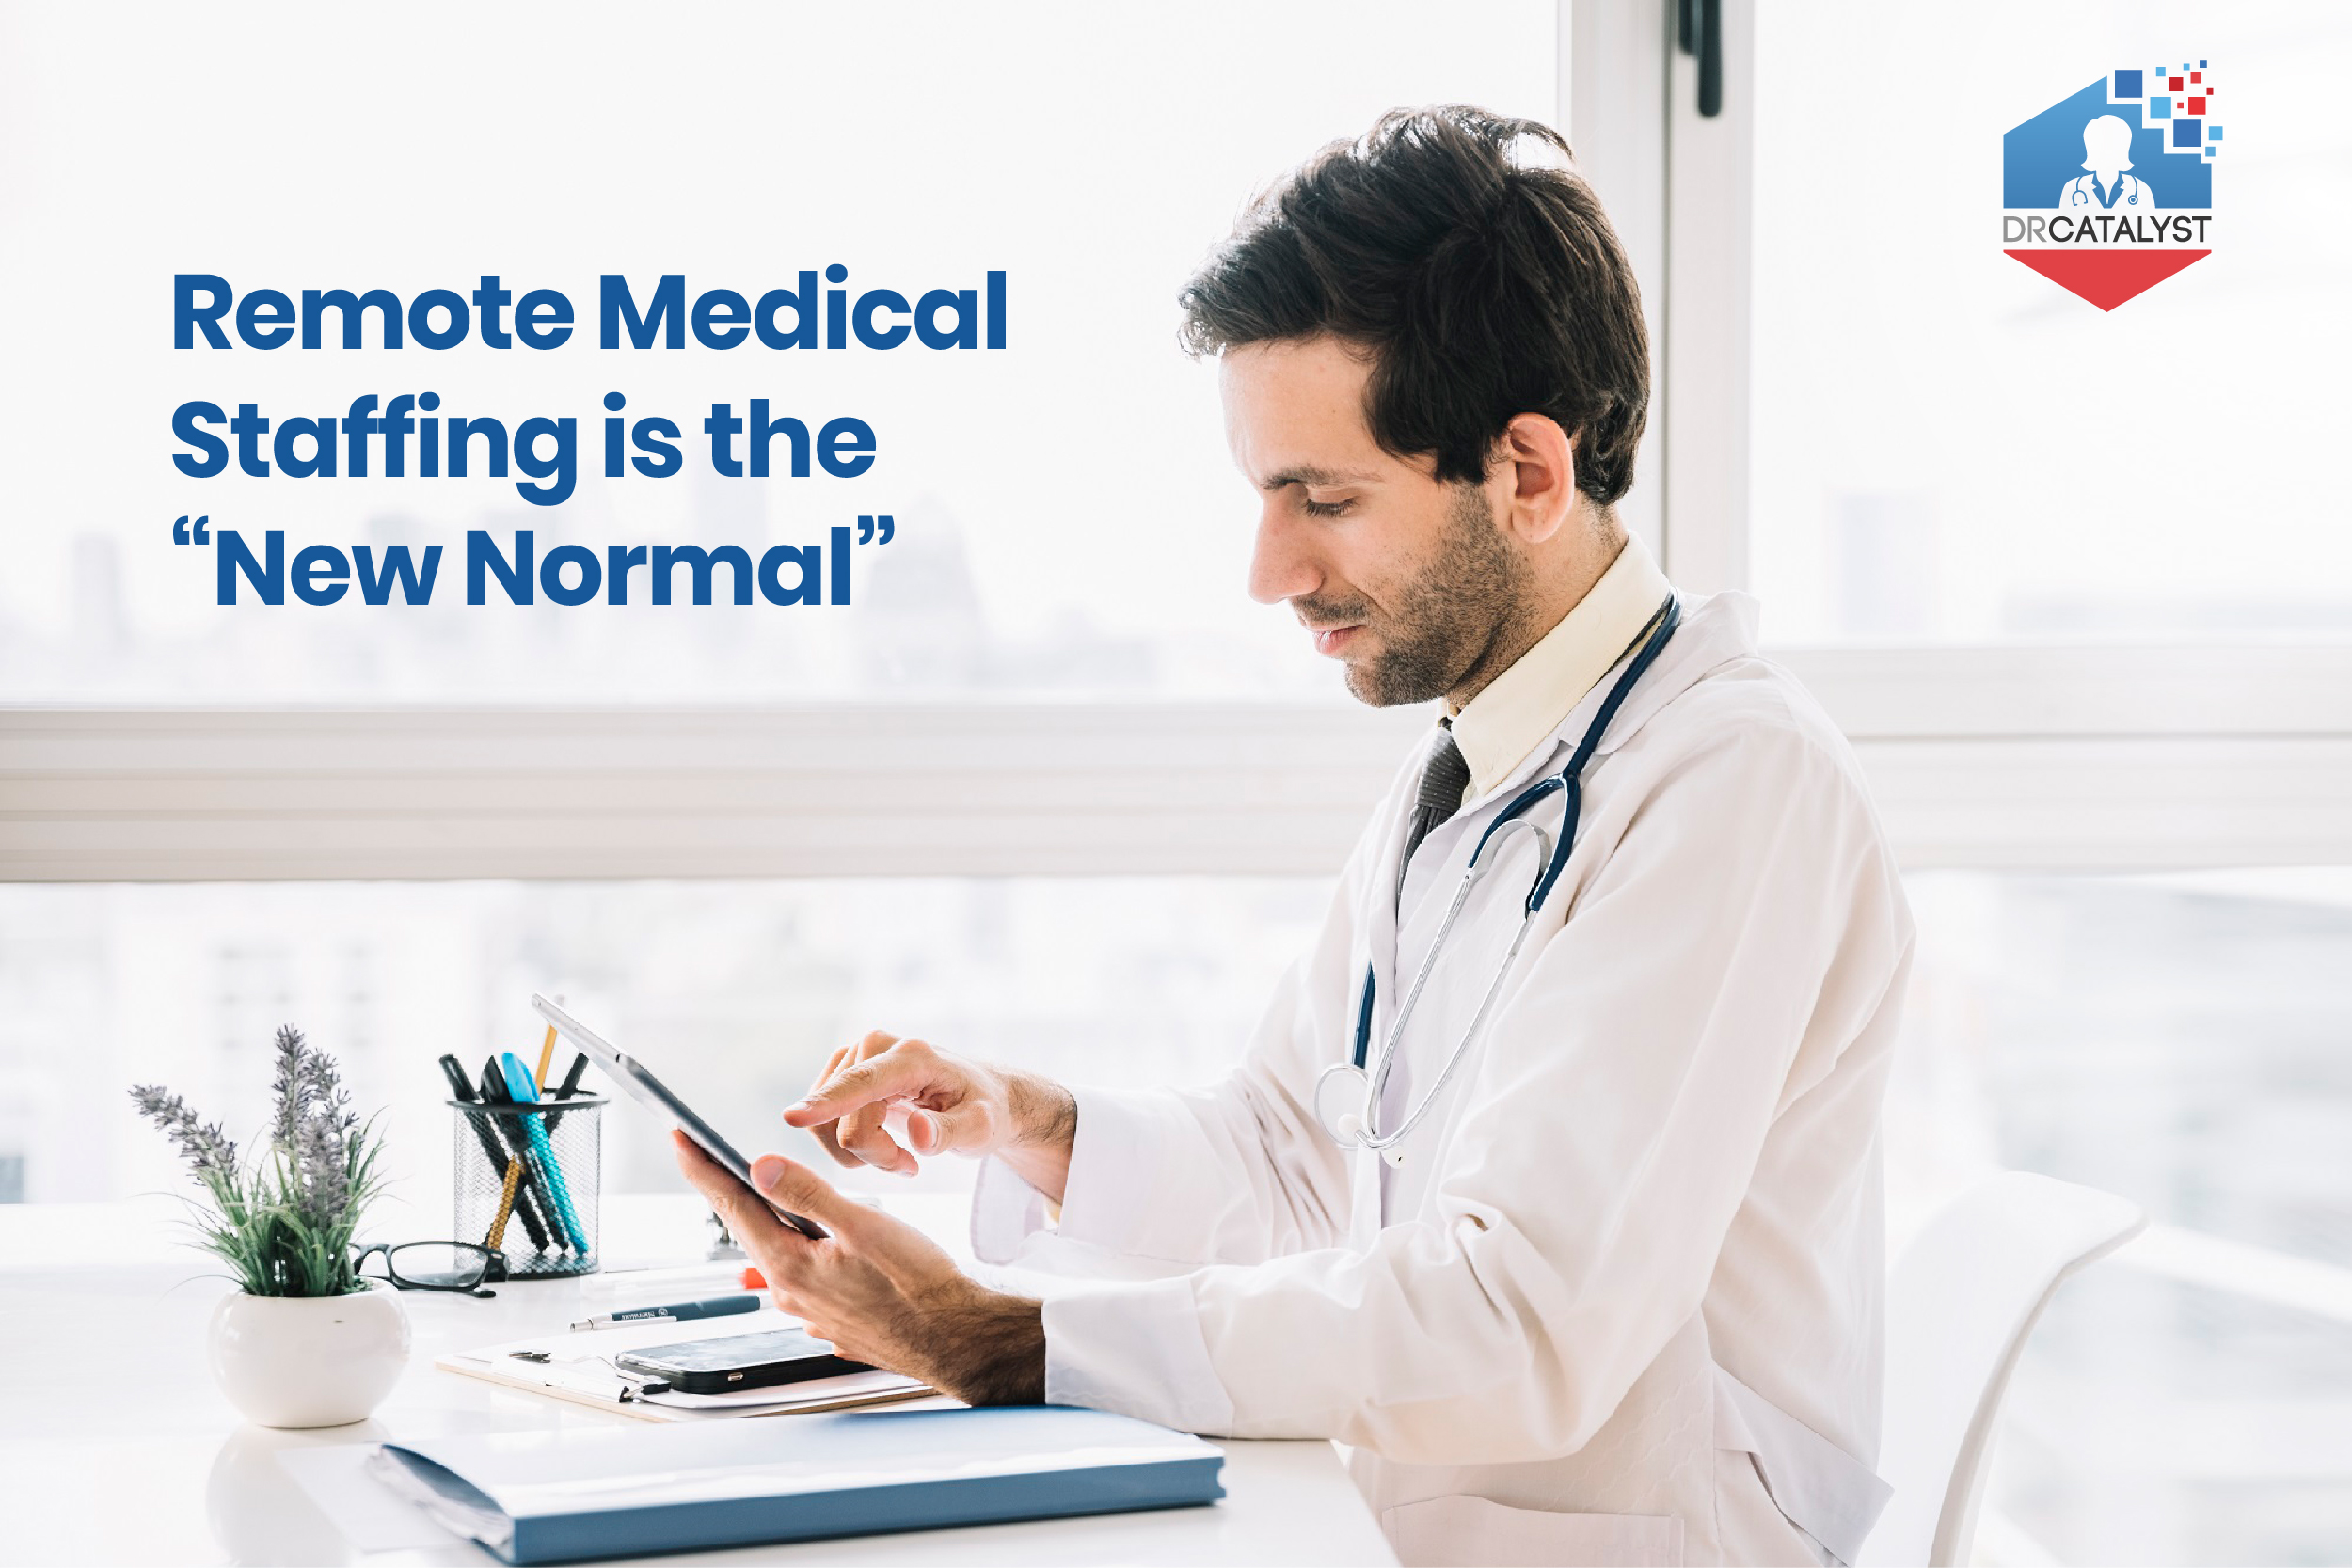 Remote Medical Staffing